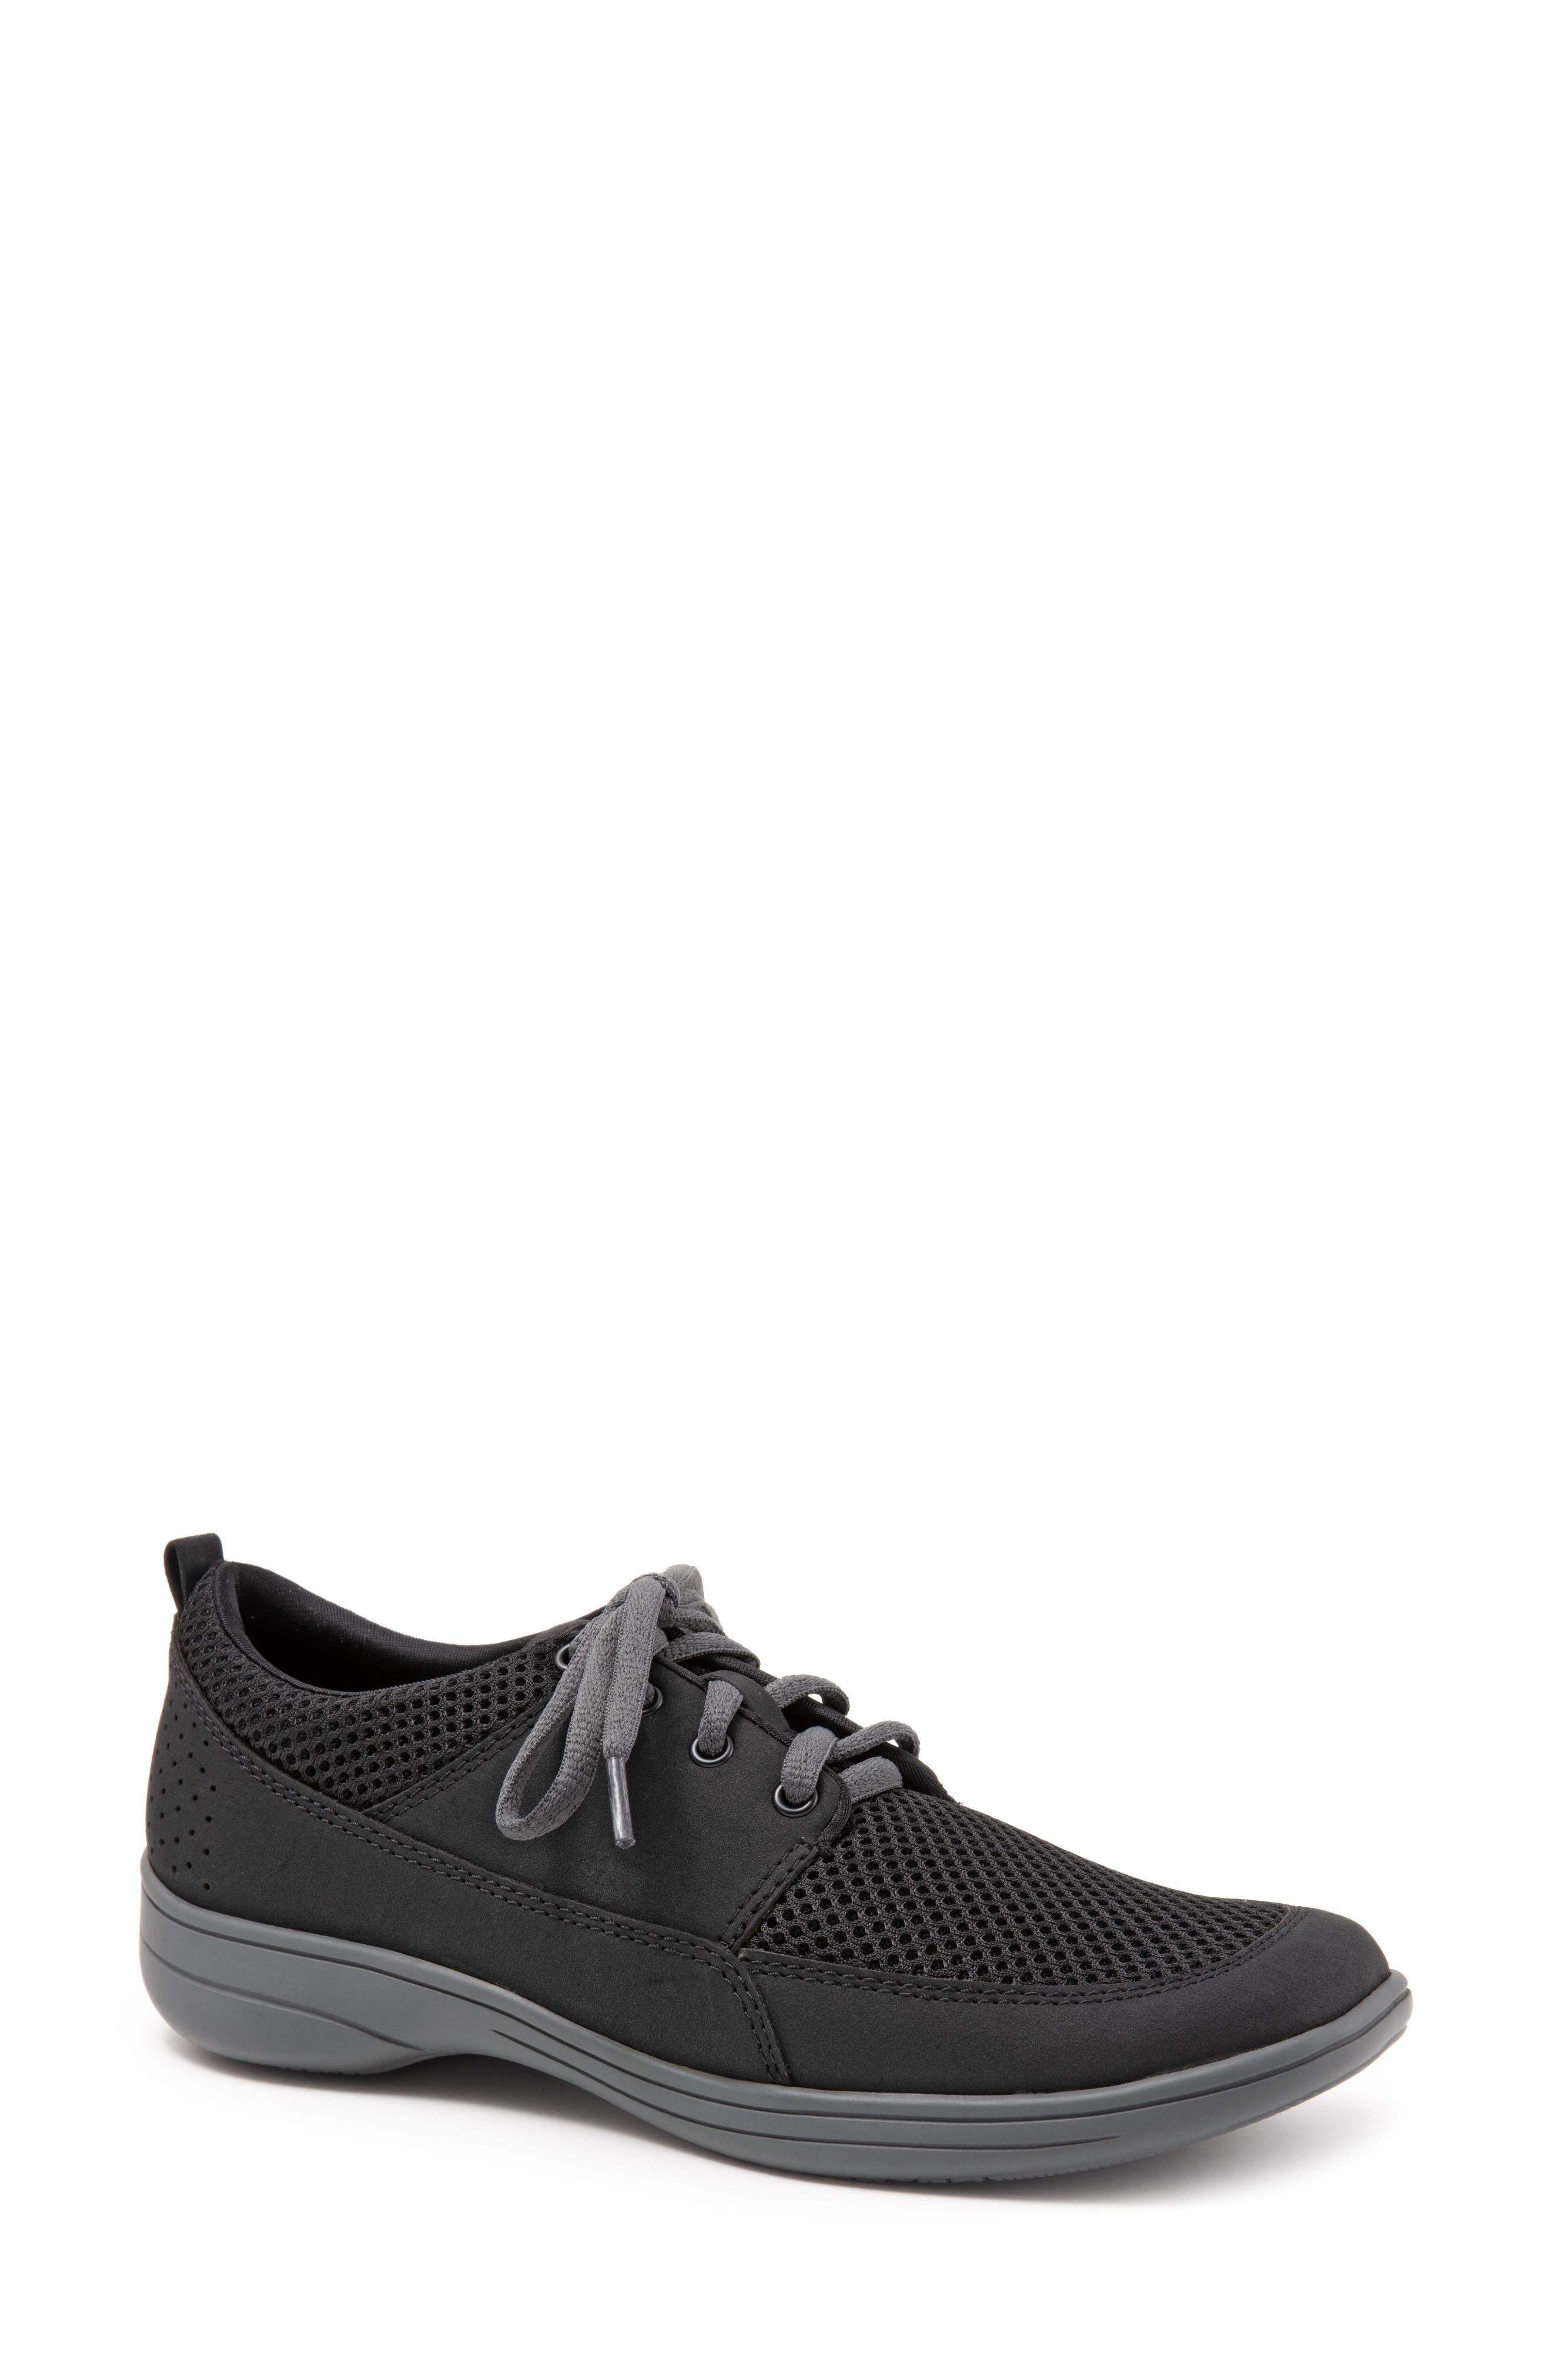 Trotters Jesse Sneaker, Black